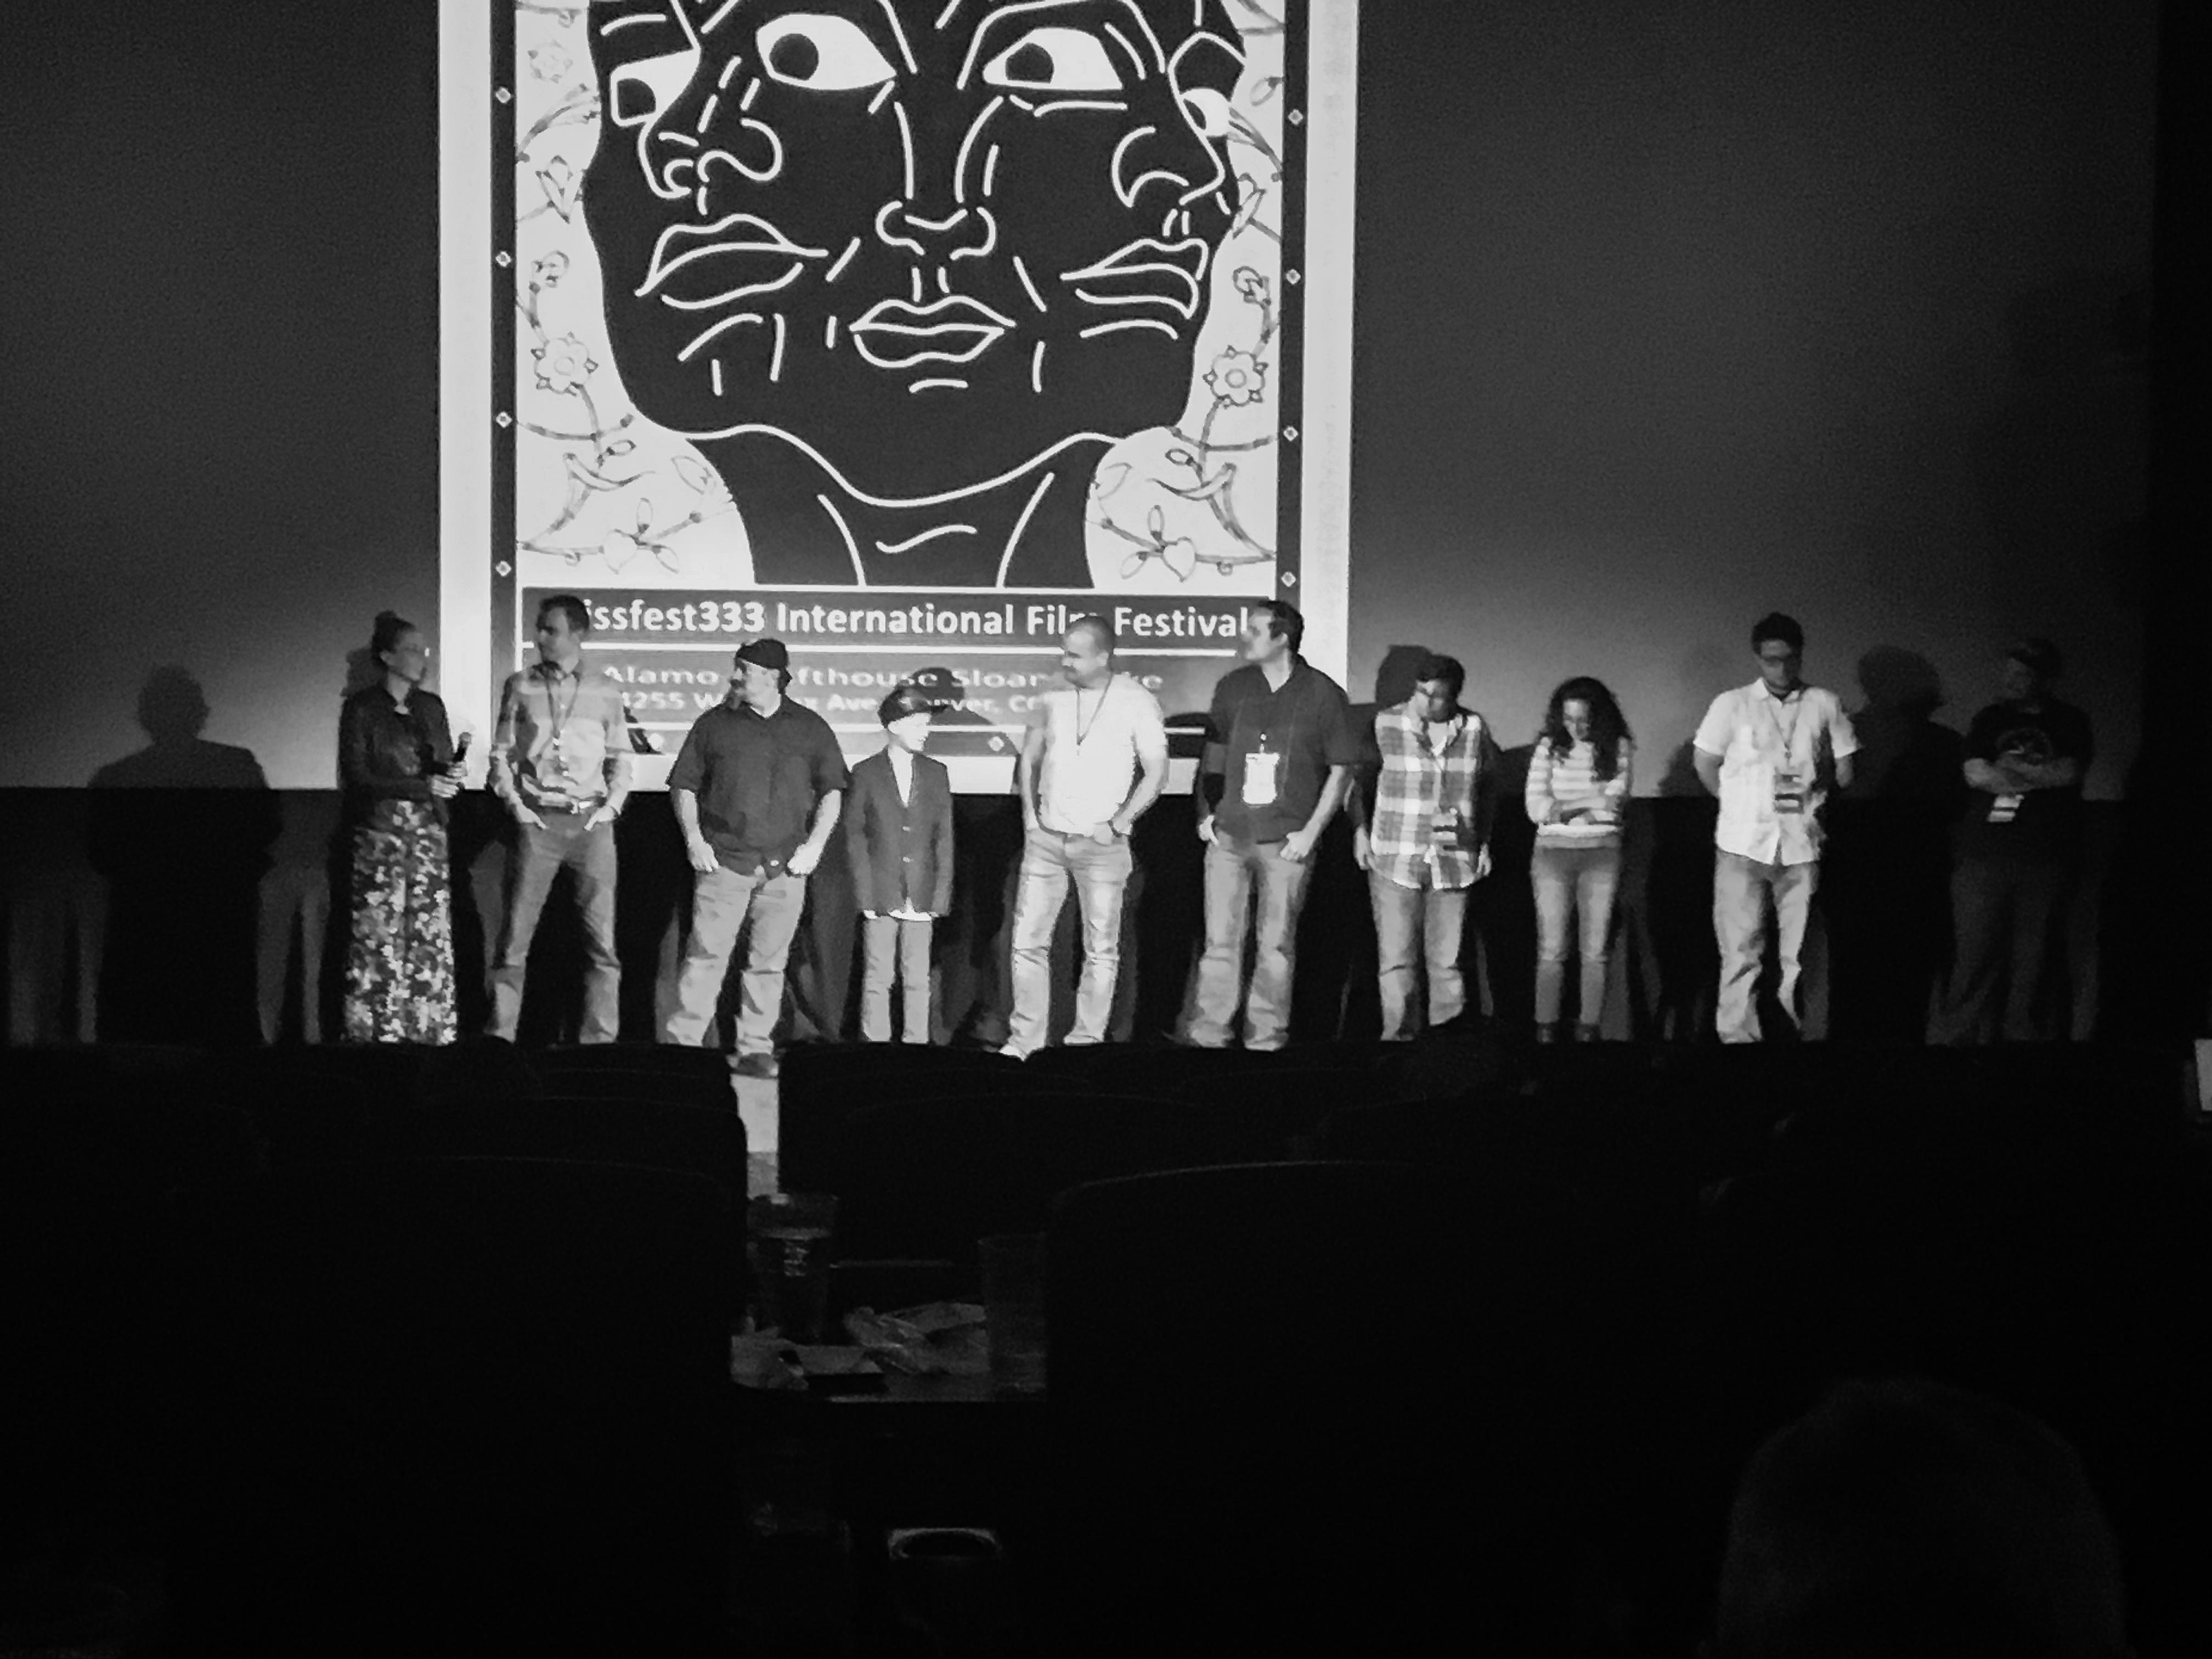 Bliss Fest International Film Fest